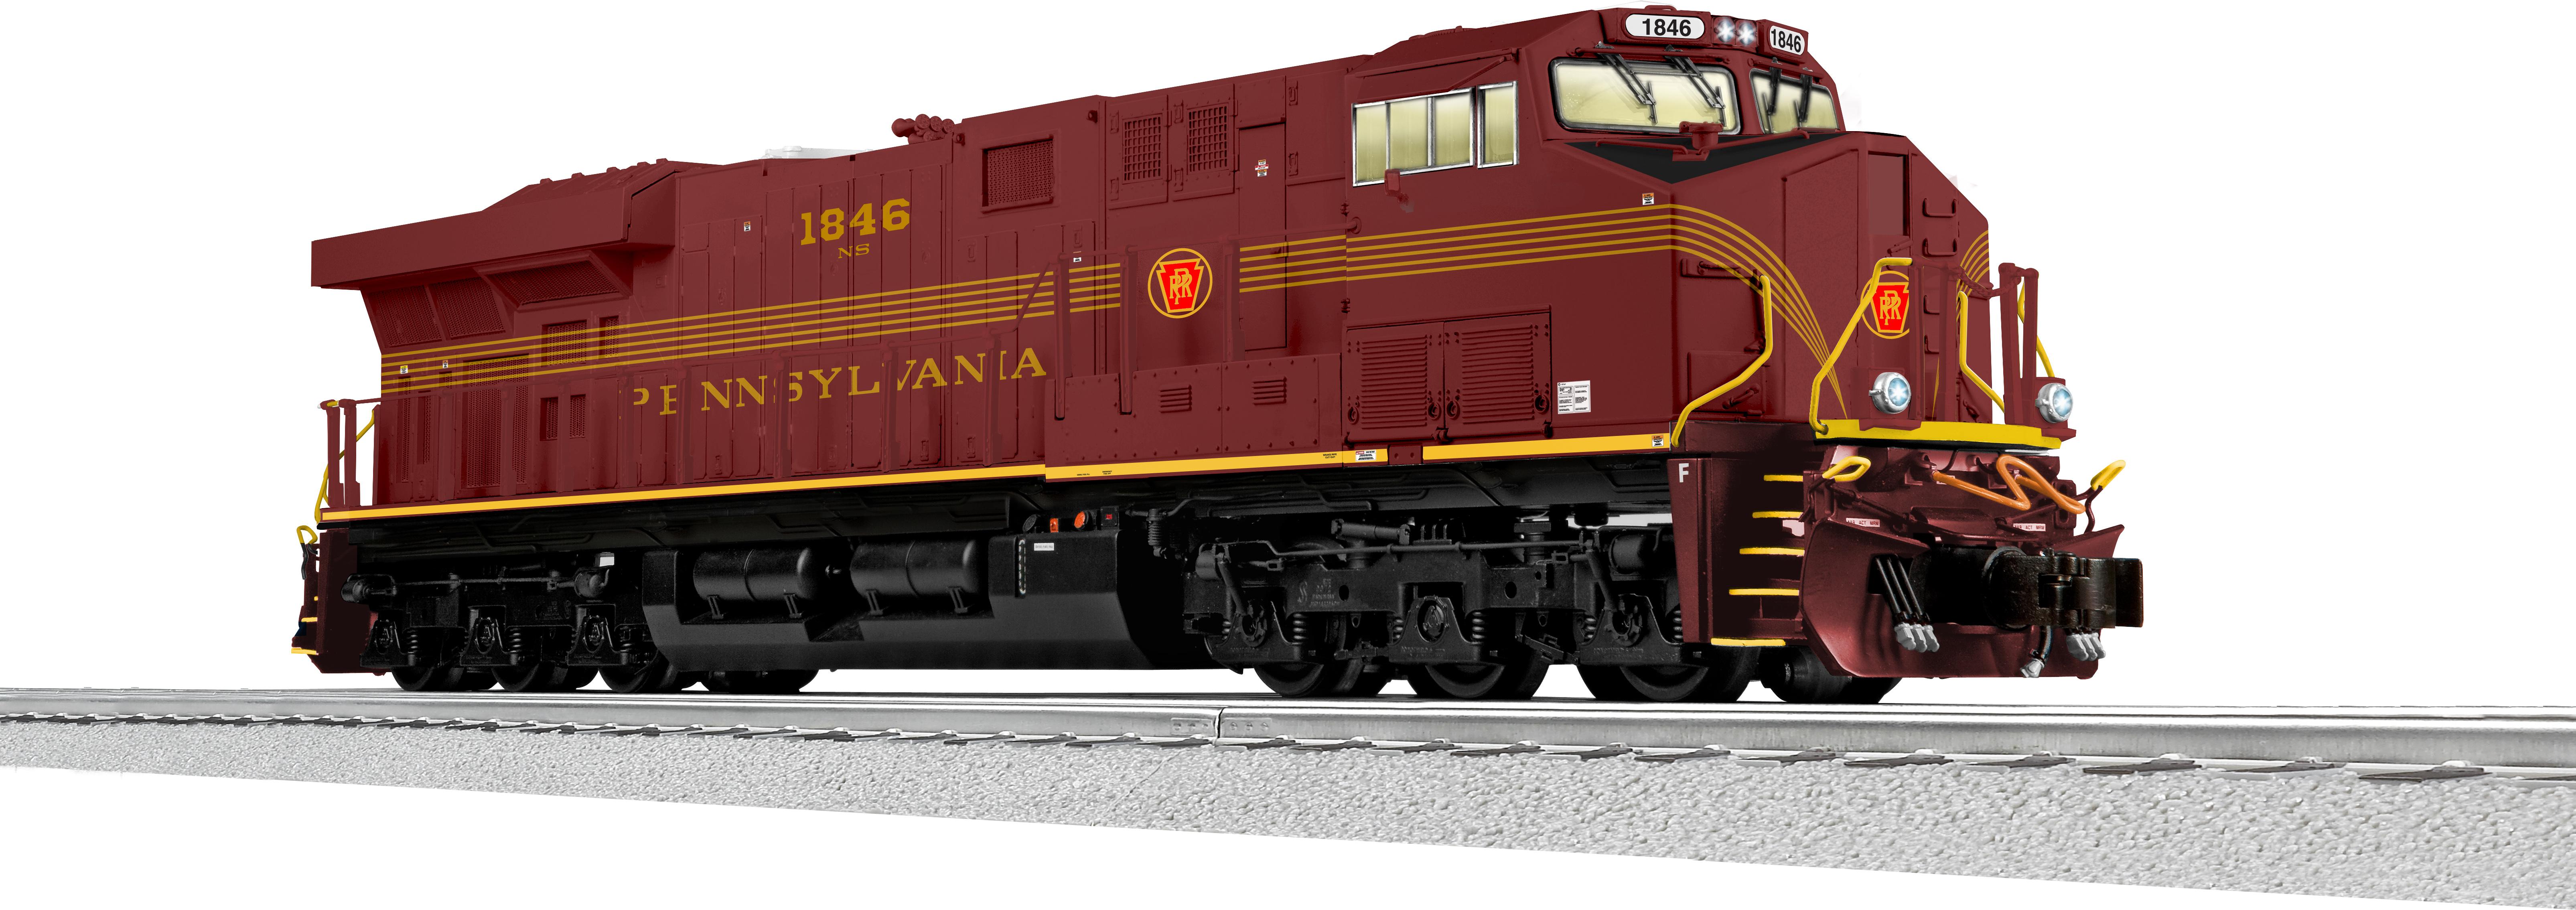 Pennsylvania NS Heritage LEGACY ES44AC Diesel #1846